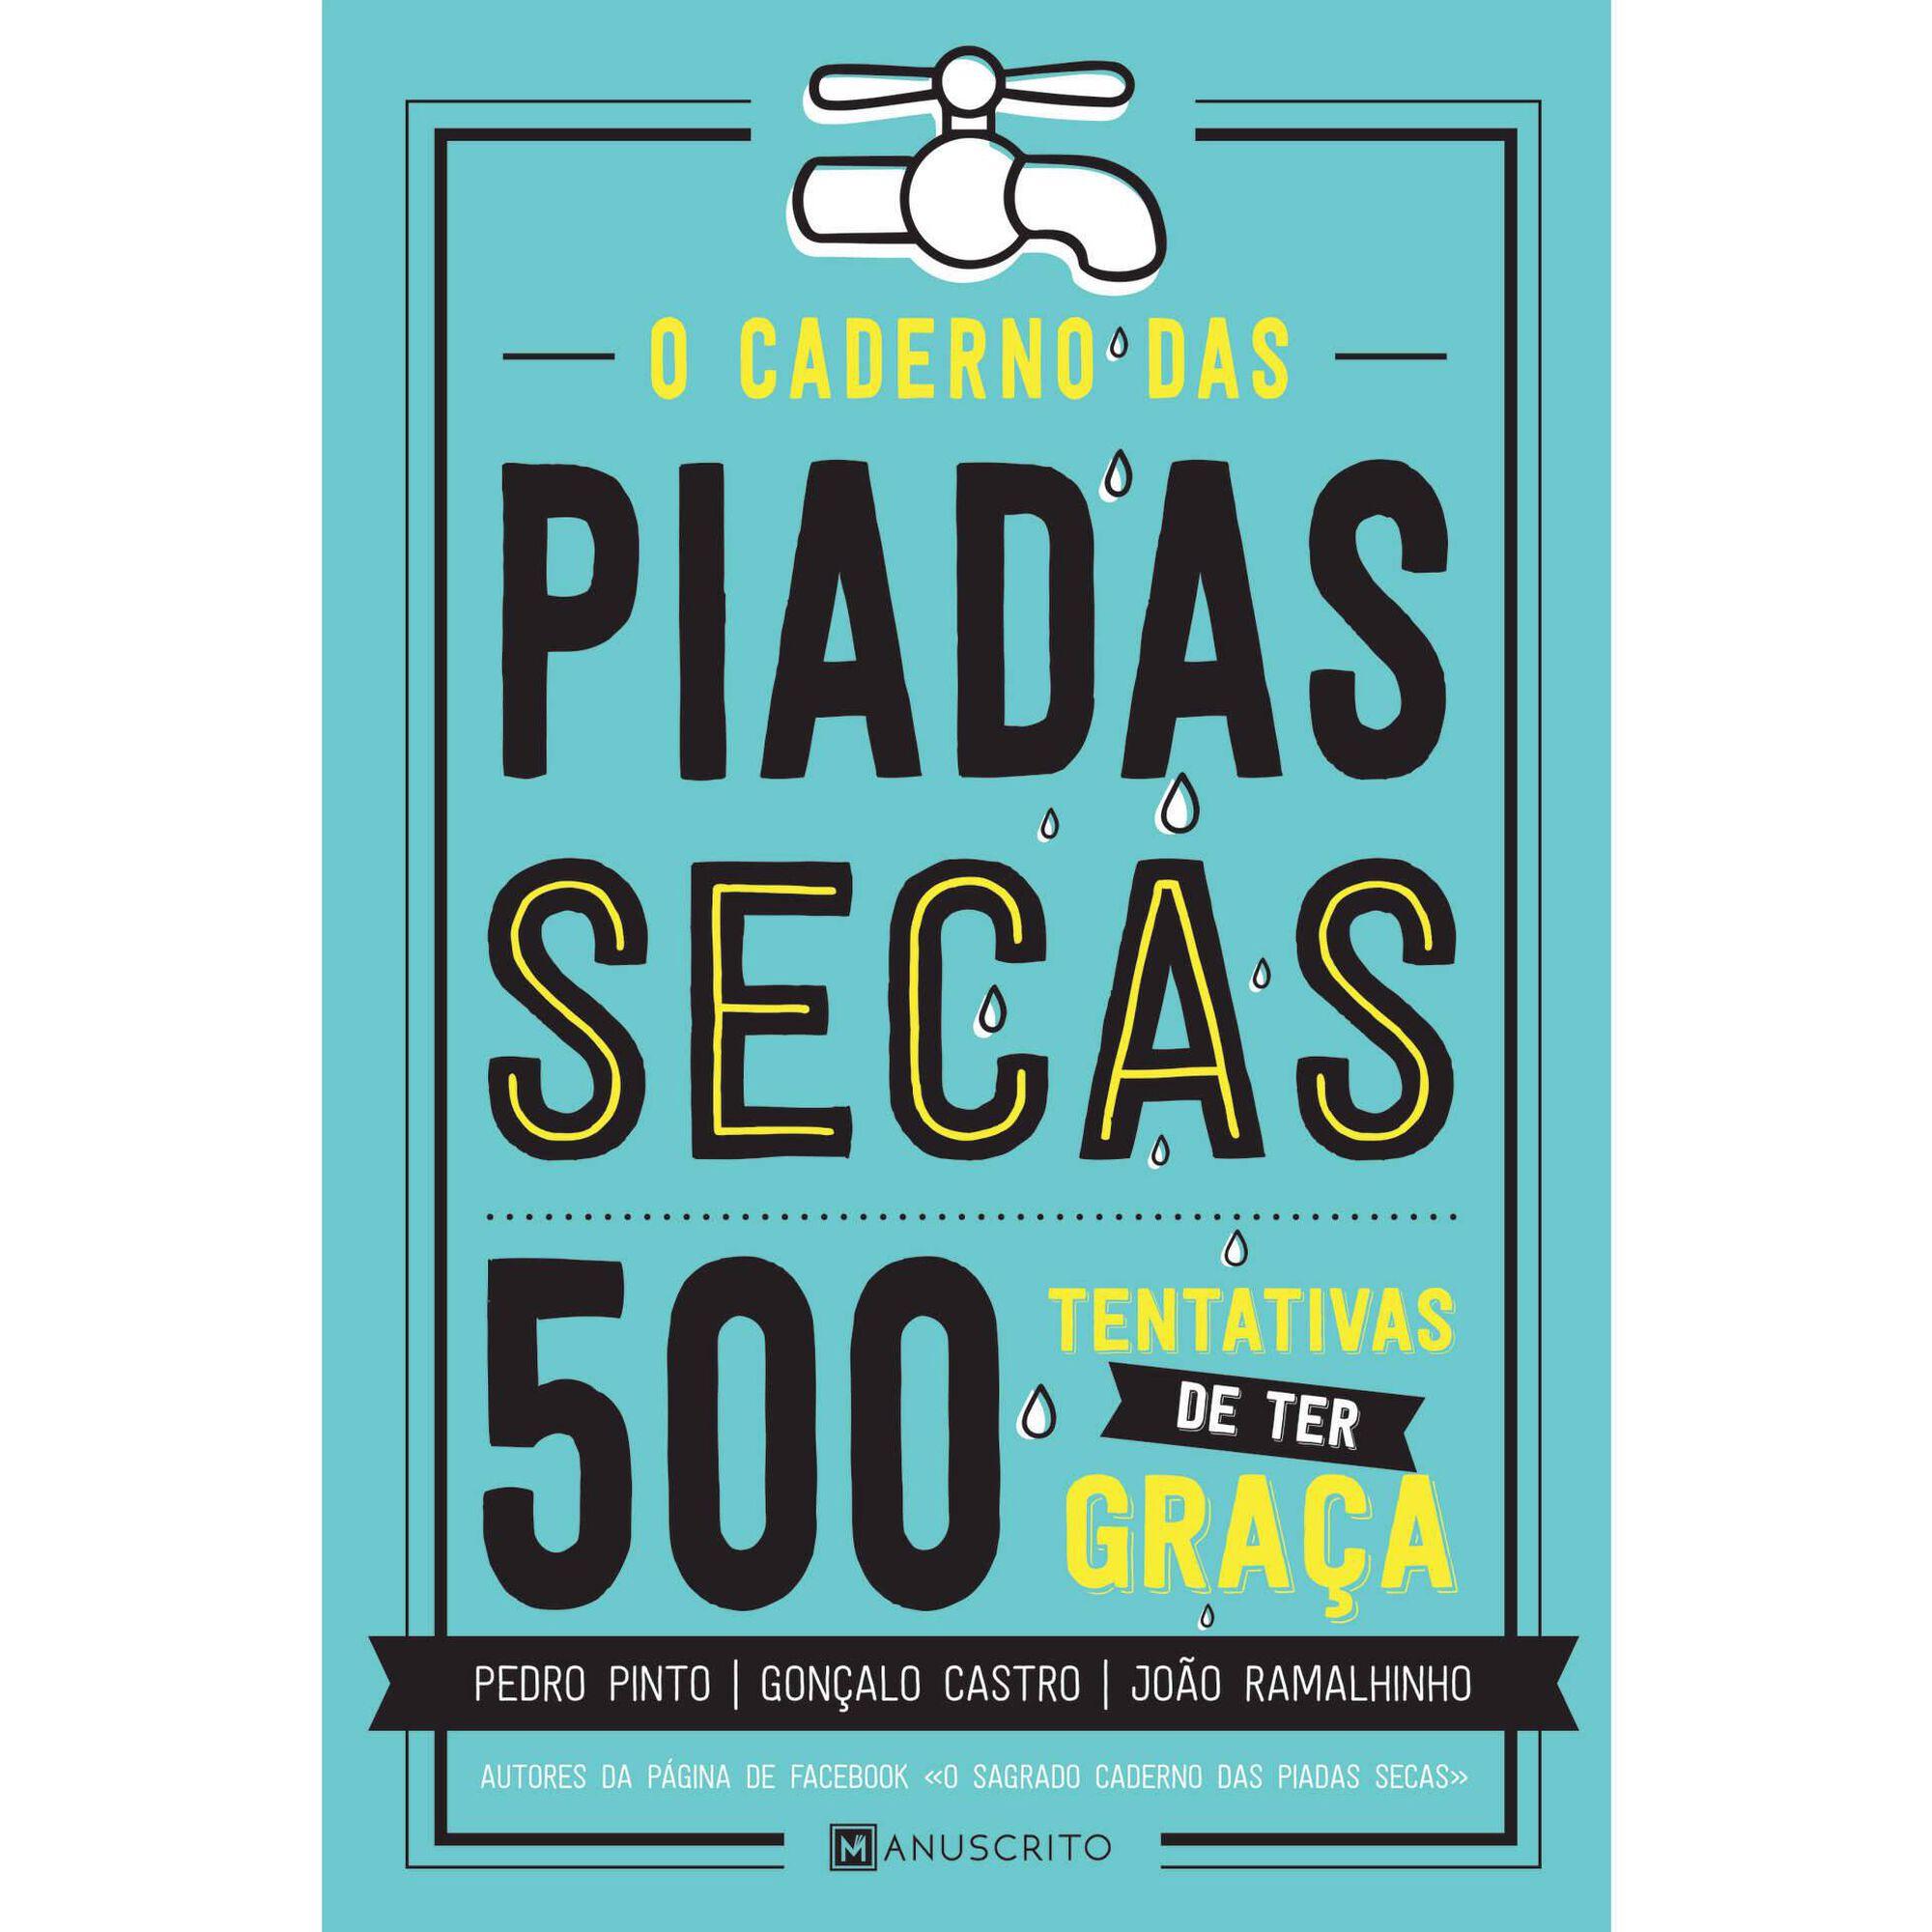 O Caderno das Piadas Secas - 500 Tentativas de Ter Graça